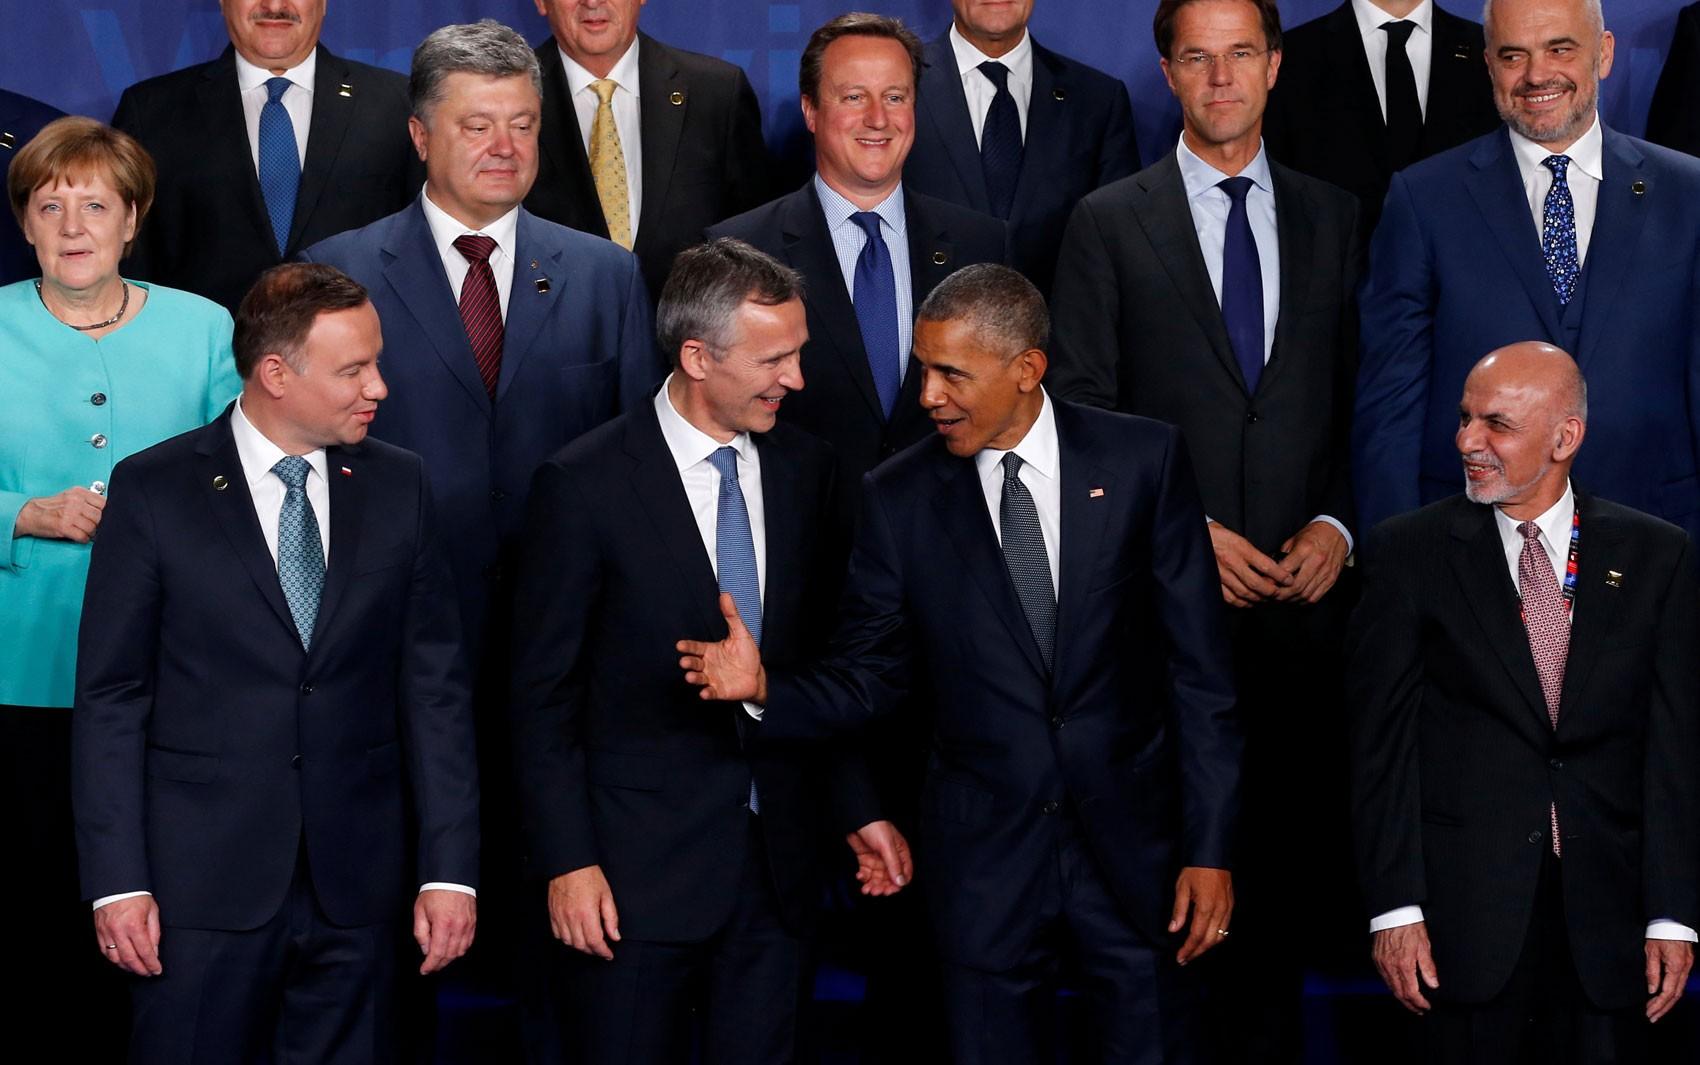 A primeira-ministra da Alemanha, Angela Merkel, o presidente da Ucrânia, Petro Poroshenko, os primeiros-ministros britânico, David Cameron, da Holanda, Mark Rutte, e da Albânia, Edi Rama, o presidente da Polônia, Andrzej Duda, o secretário geral da OTAN,  (Foto: Reuters/Jonathan Ernst)